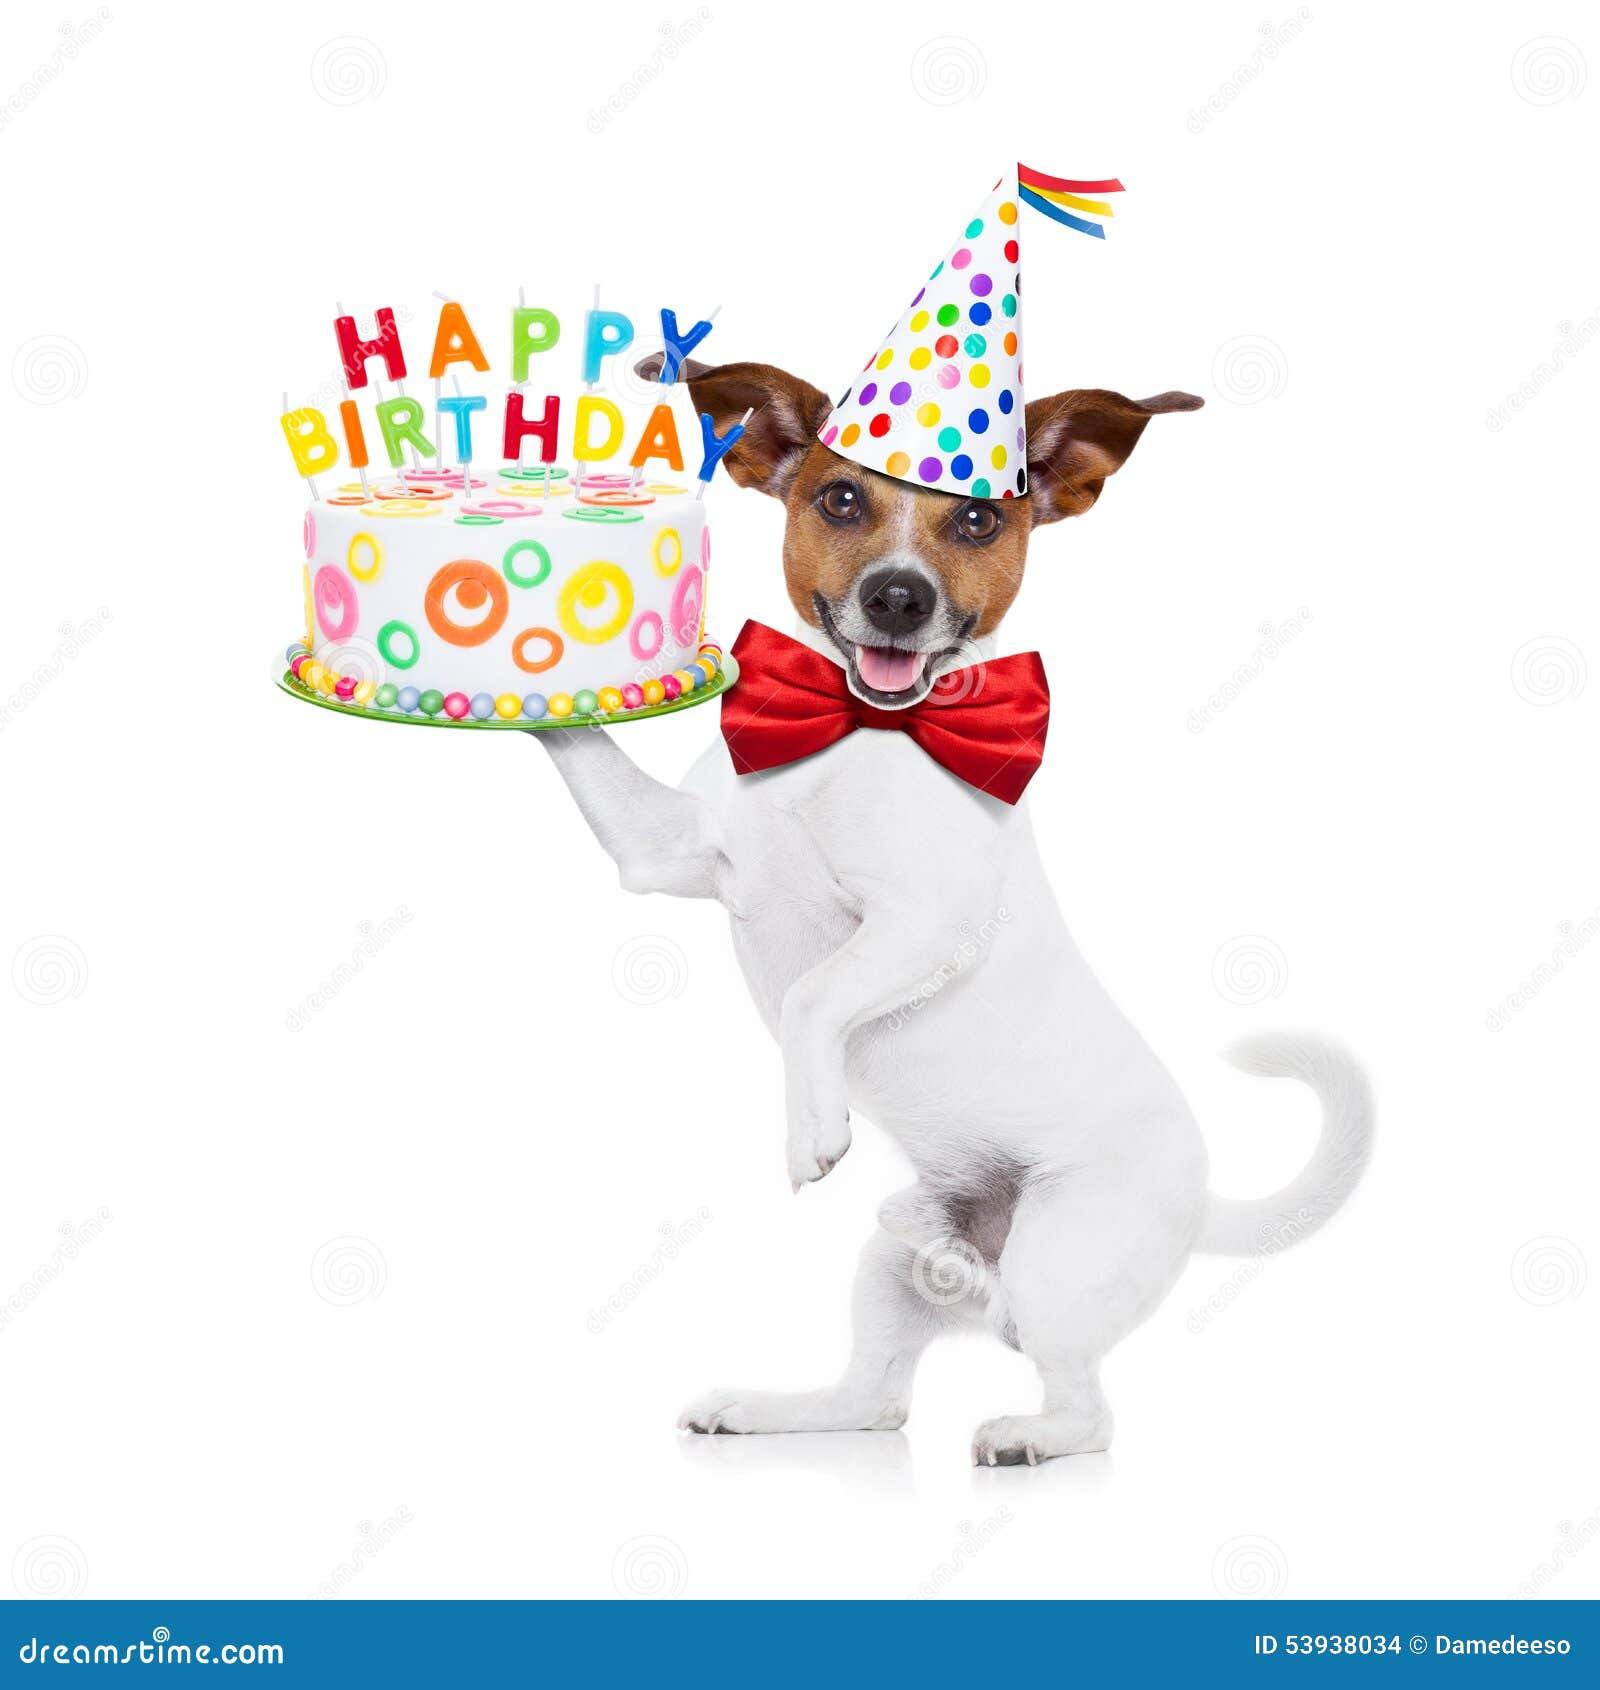 Cane E Dolce Di Buon Compleanno Immagine Stock Immagine Di Celebri